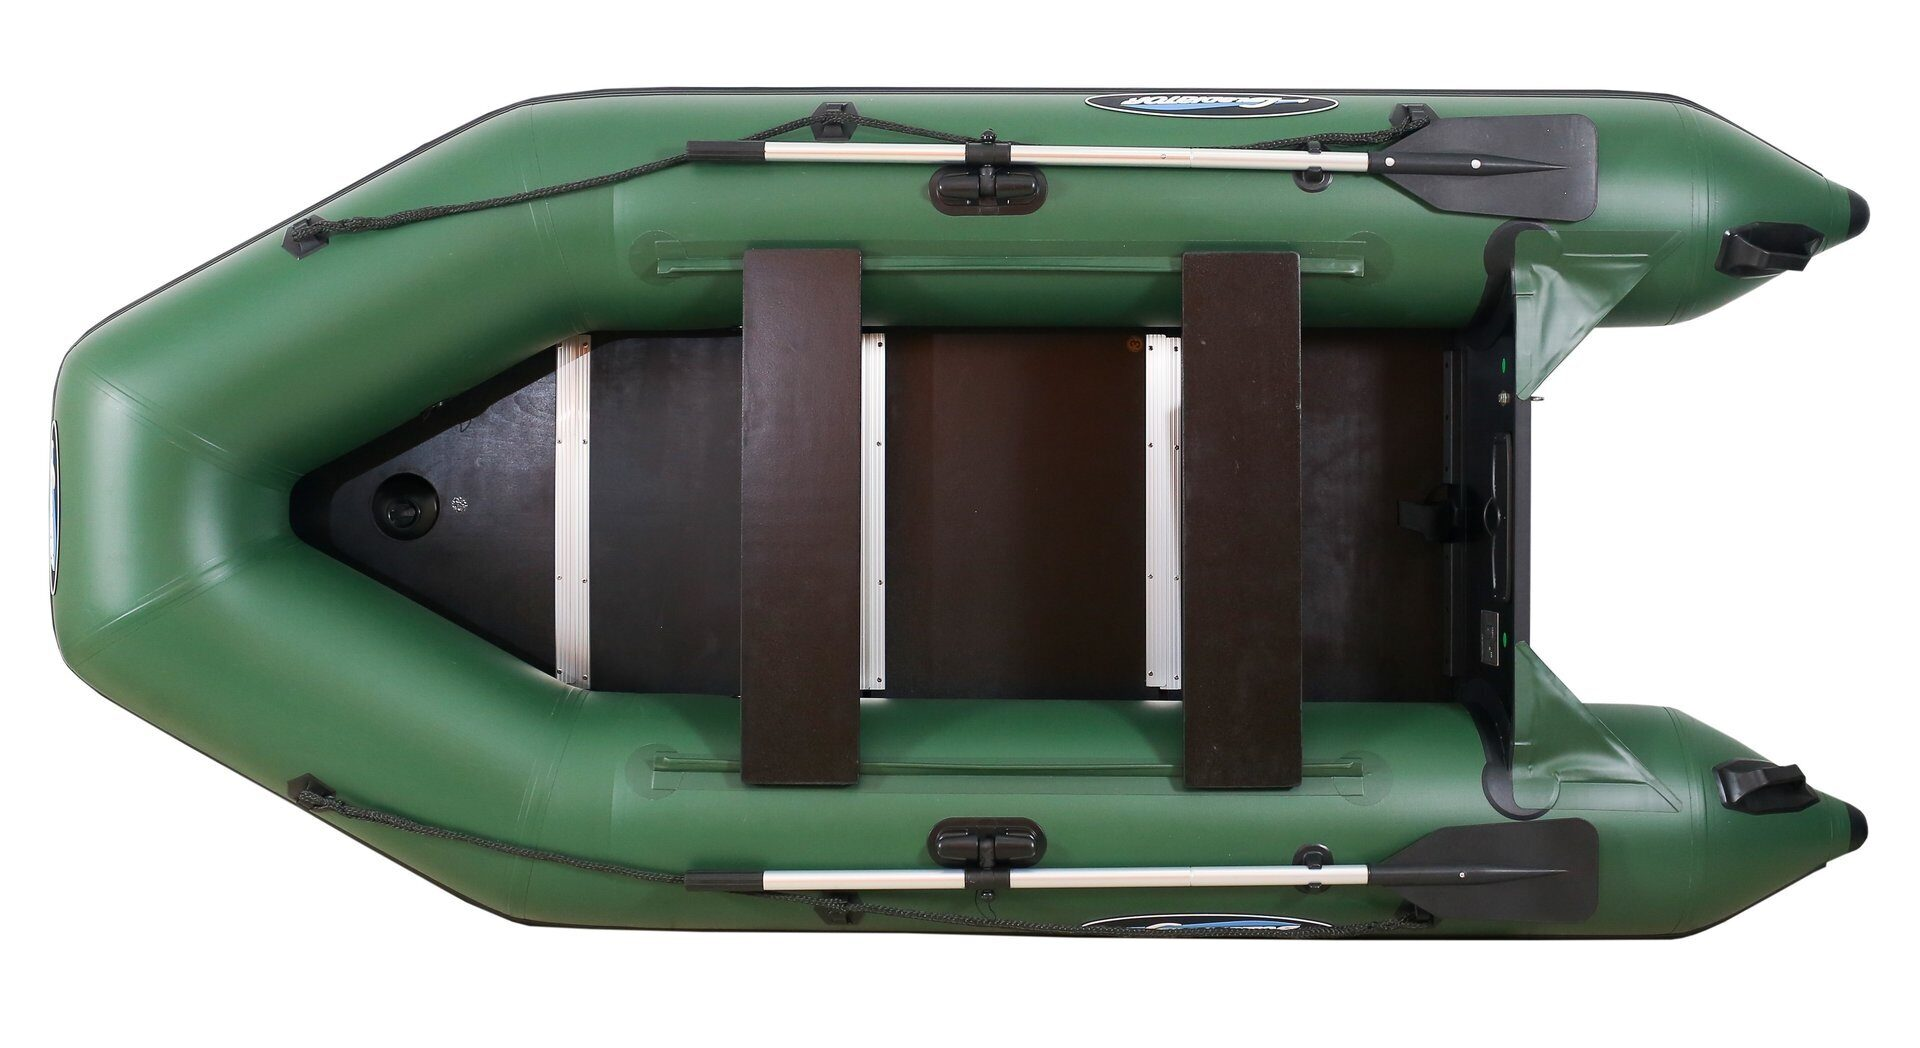 Самые пиздатые надувные лодки, порно шланги в жопу